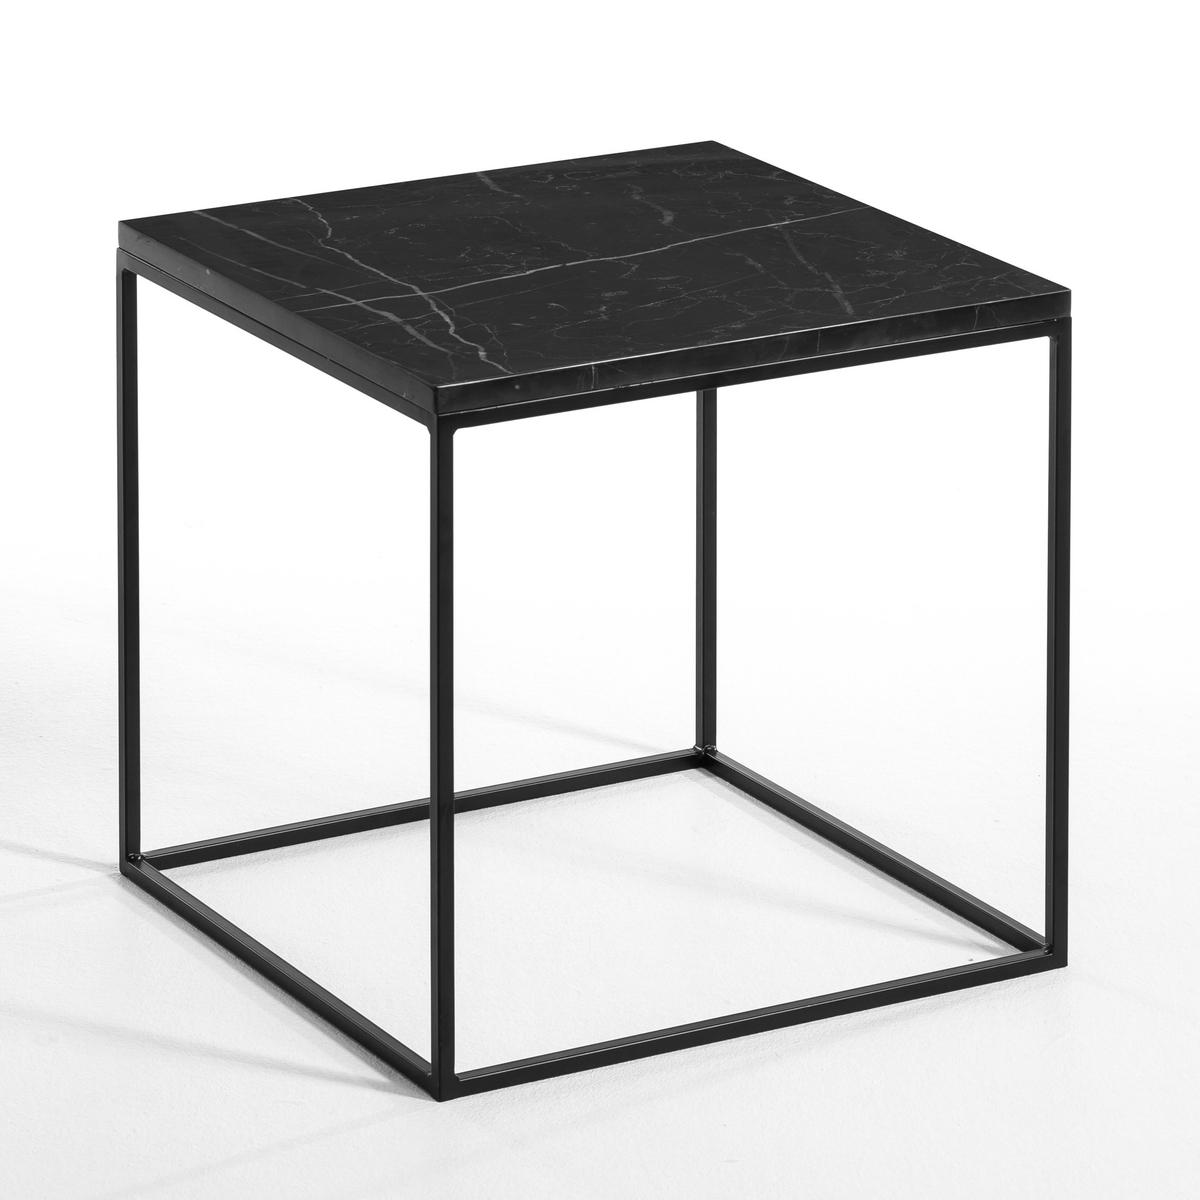 Столик со столешницей из мрамора, MahautСтолик Mahaut. Элегантное и простое сочетание столешницы из мрамора, благородного, прочного и теплого камня с очень изящным металлическим каркасом . Описание : - Каркас из металла - Столешница из черного мрамора, каждое изделие уникально, поэтому количество прожилок может отличаться .Размеры : - 40 x 40 x 40 см<br><br>Цвет: черный